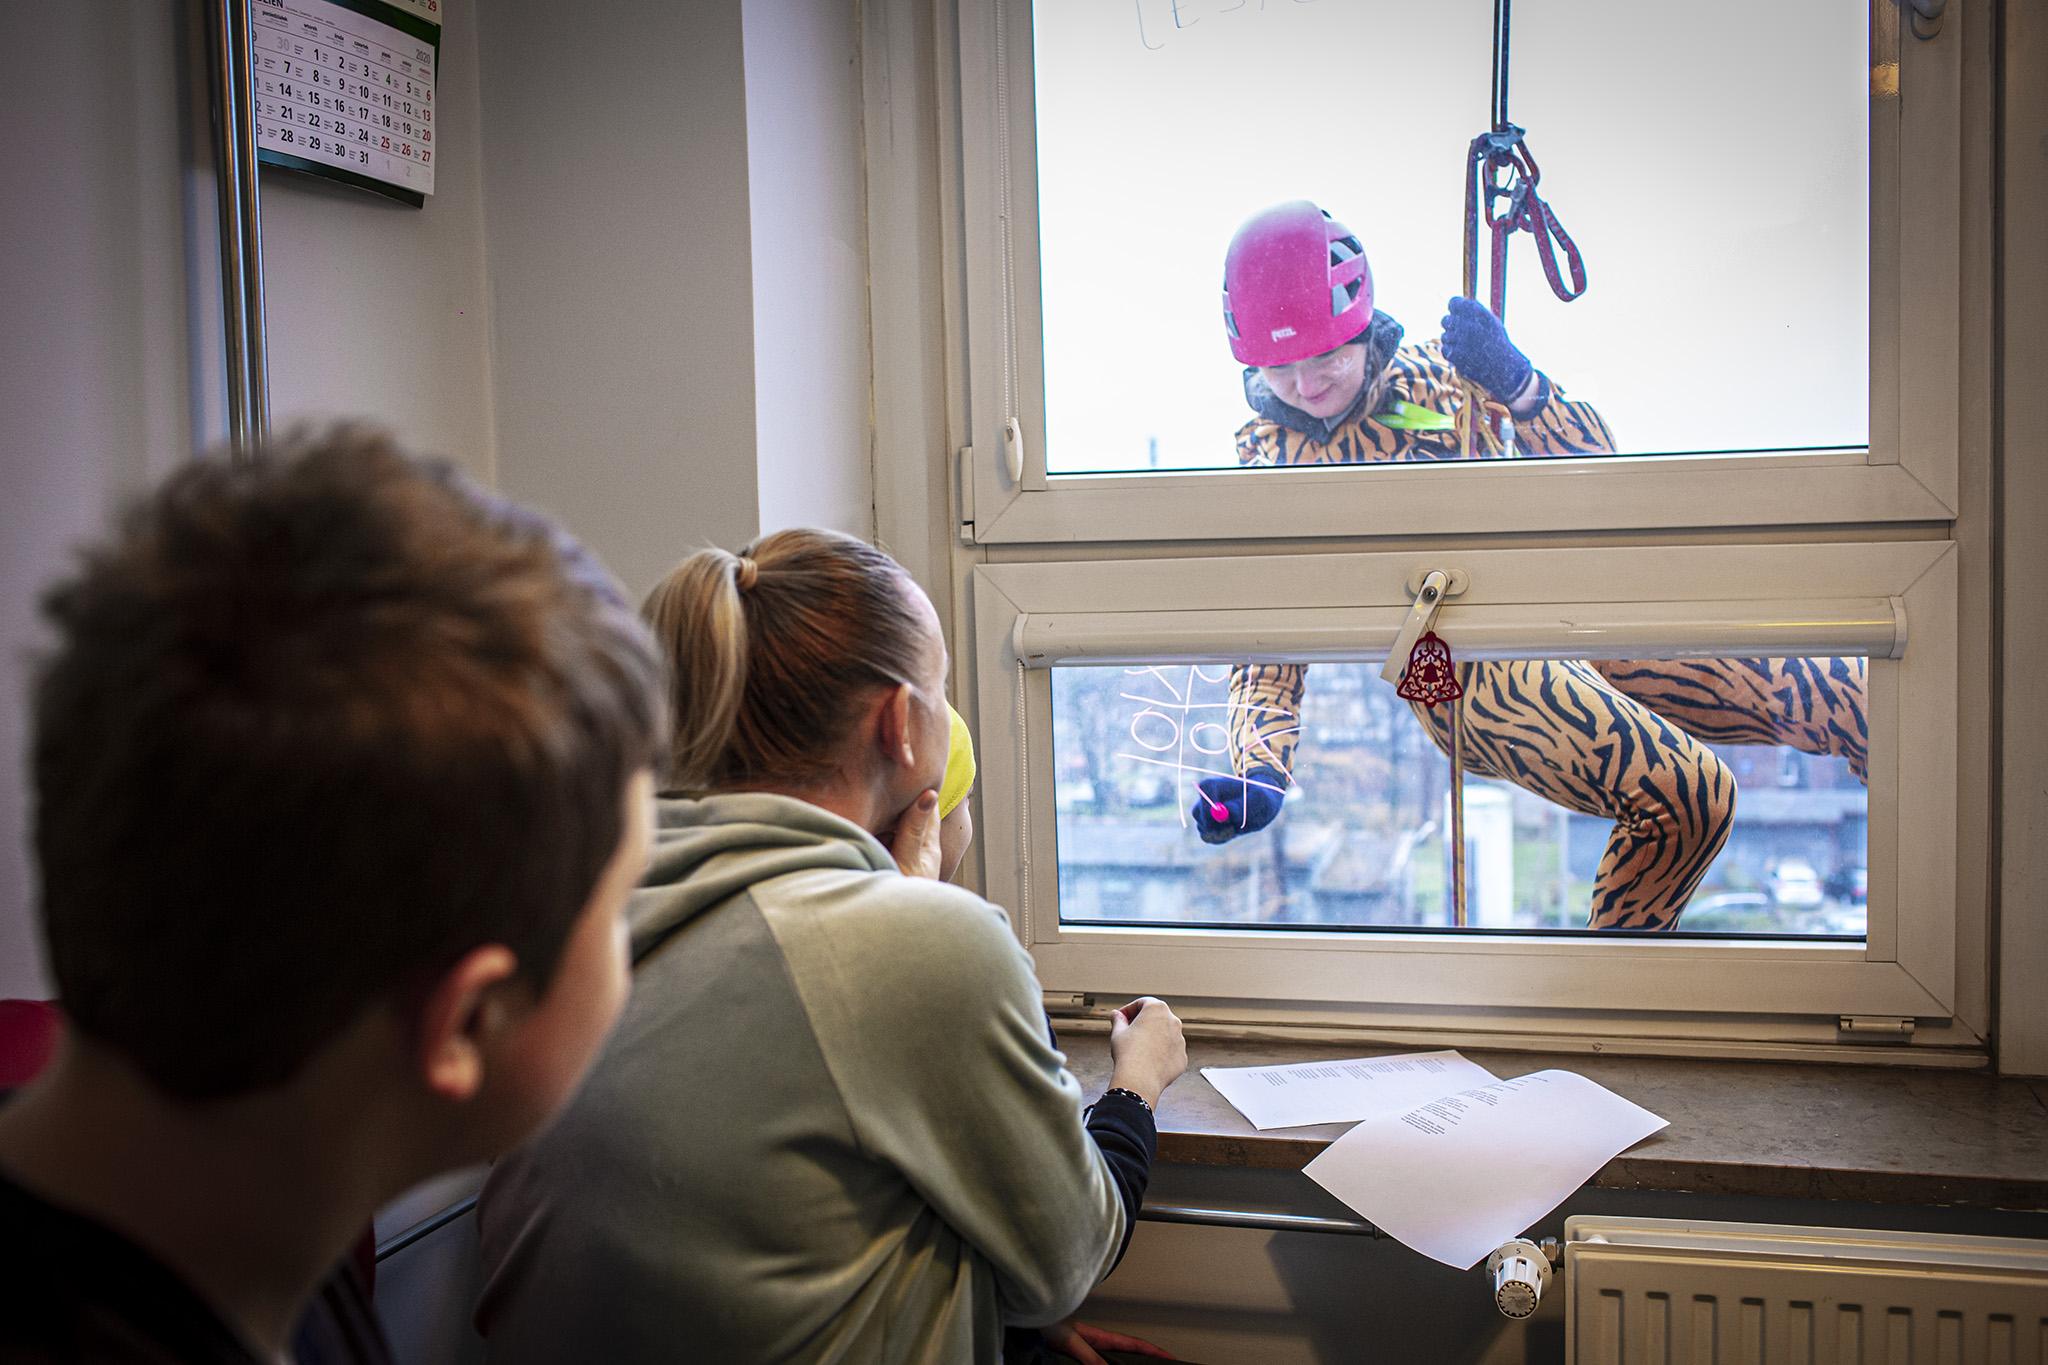 Wspinacze przez okna szpitalnego budynku bawili się z najmłodszymi pacjentami (Fot. mat. pras.)